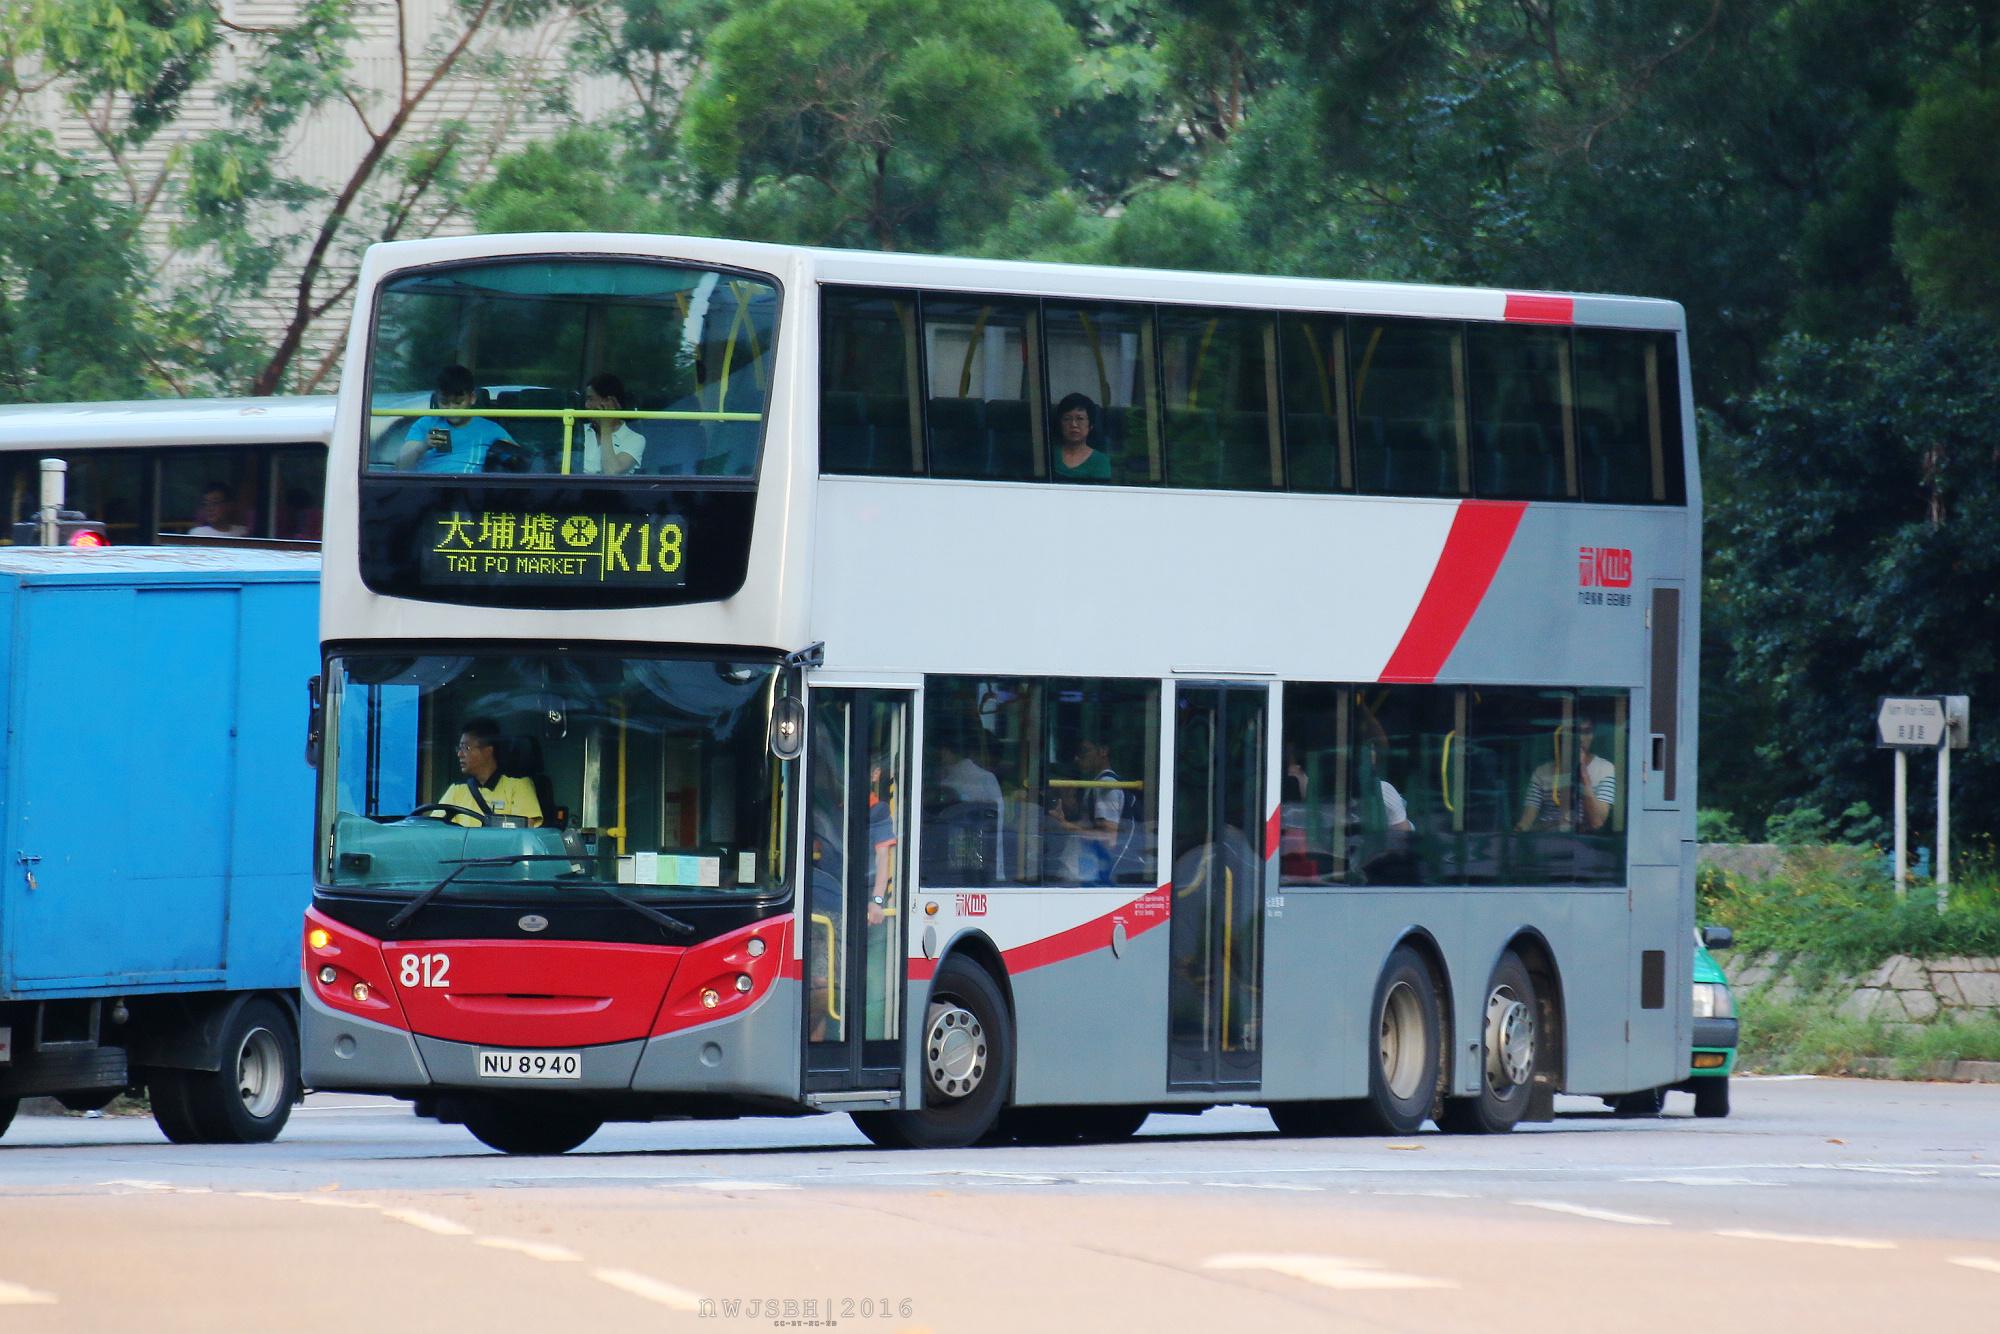 港鐵接駁巴士K18綫